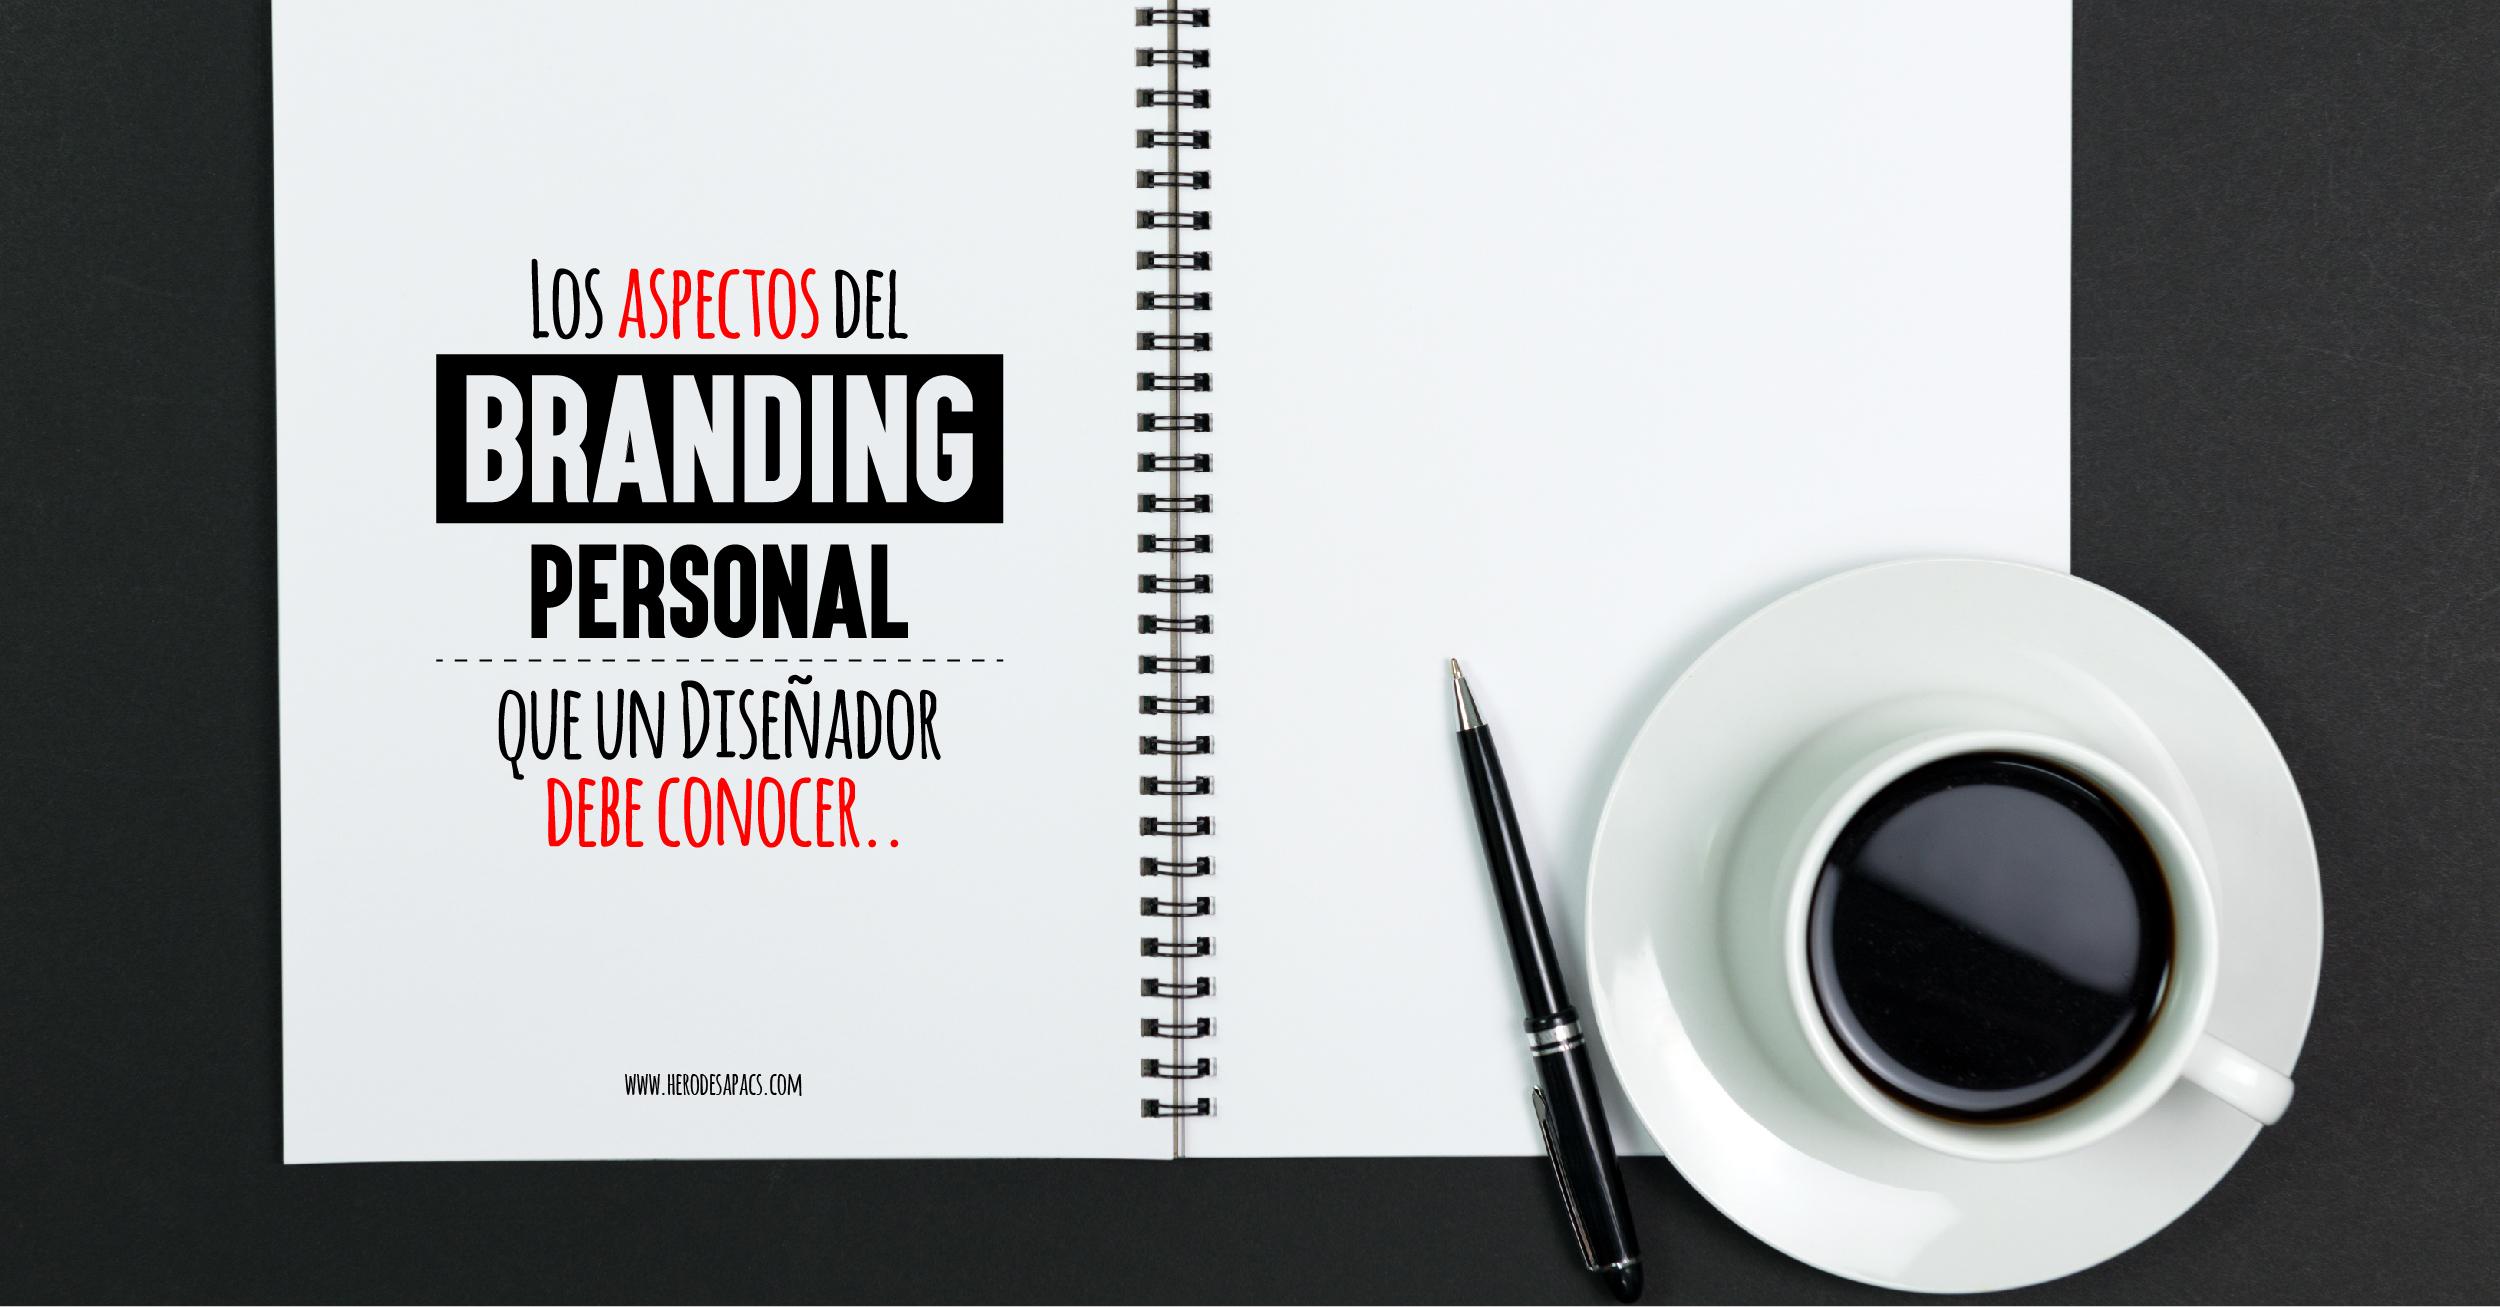 Aspecto del Branding personal